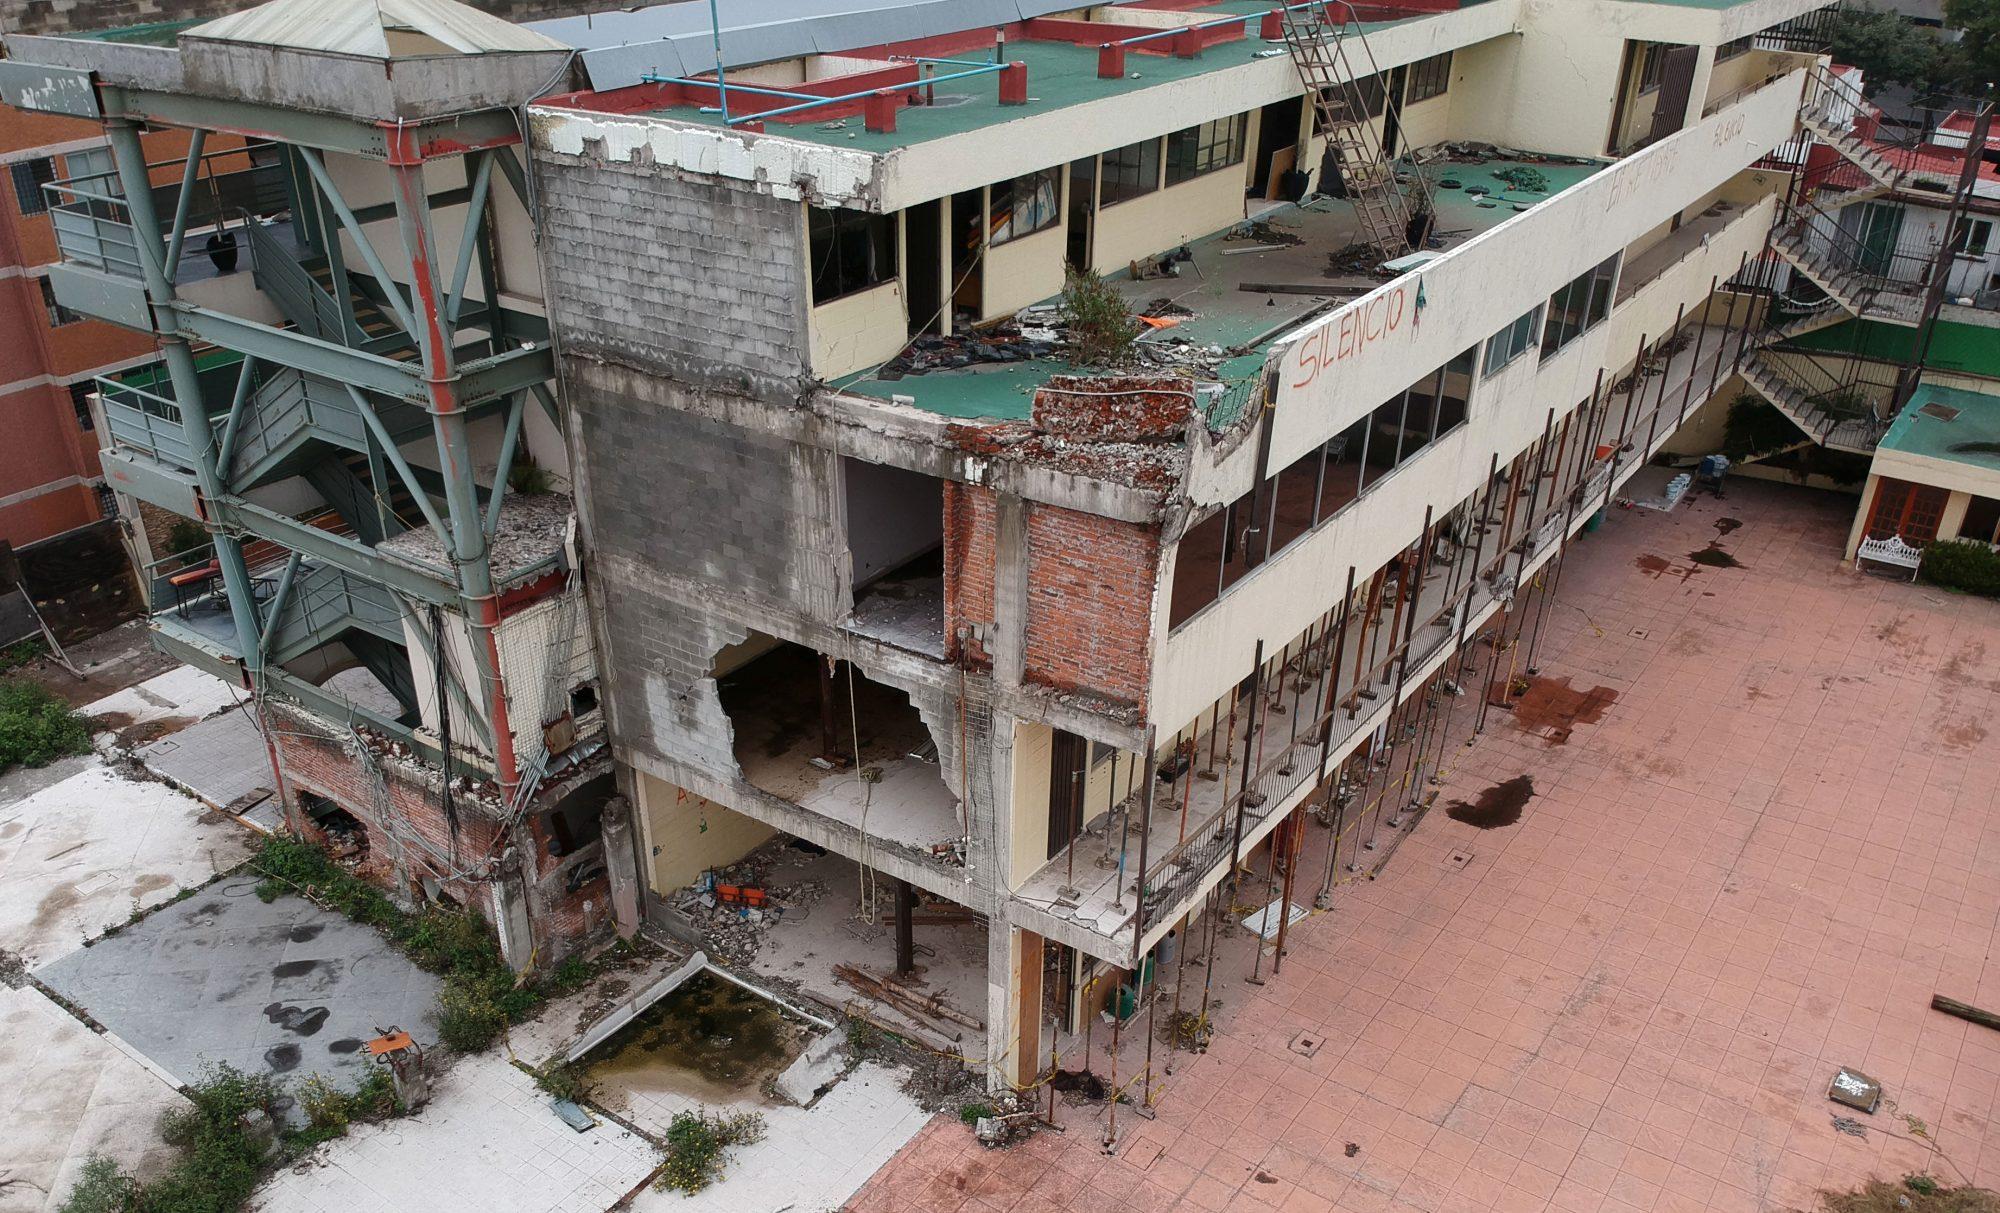 Enrique Rebsamen School